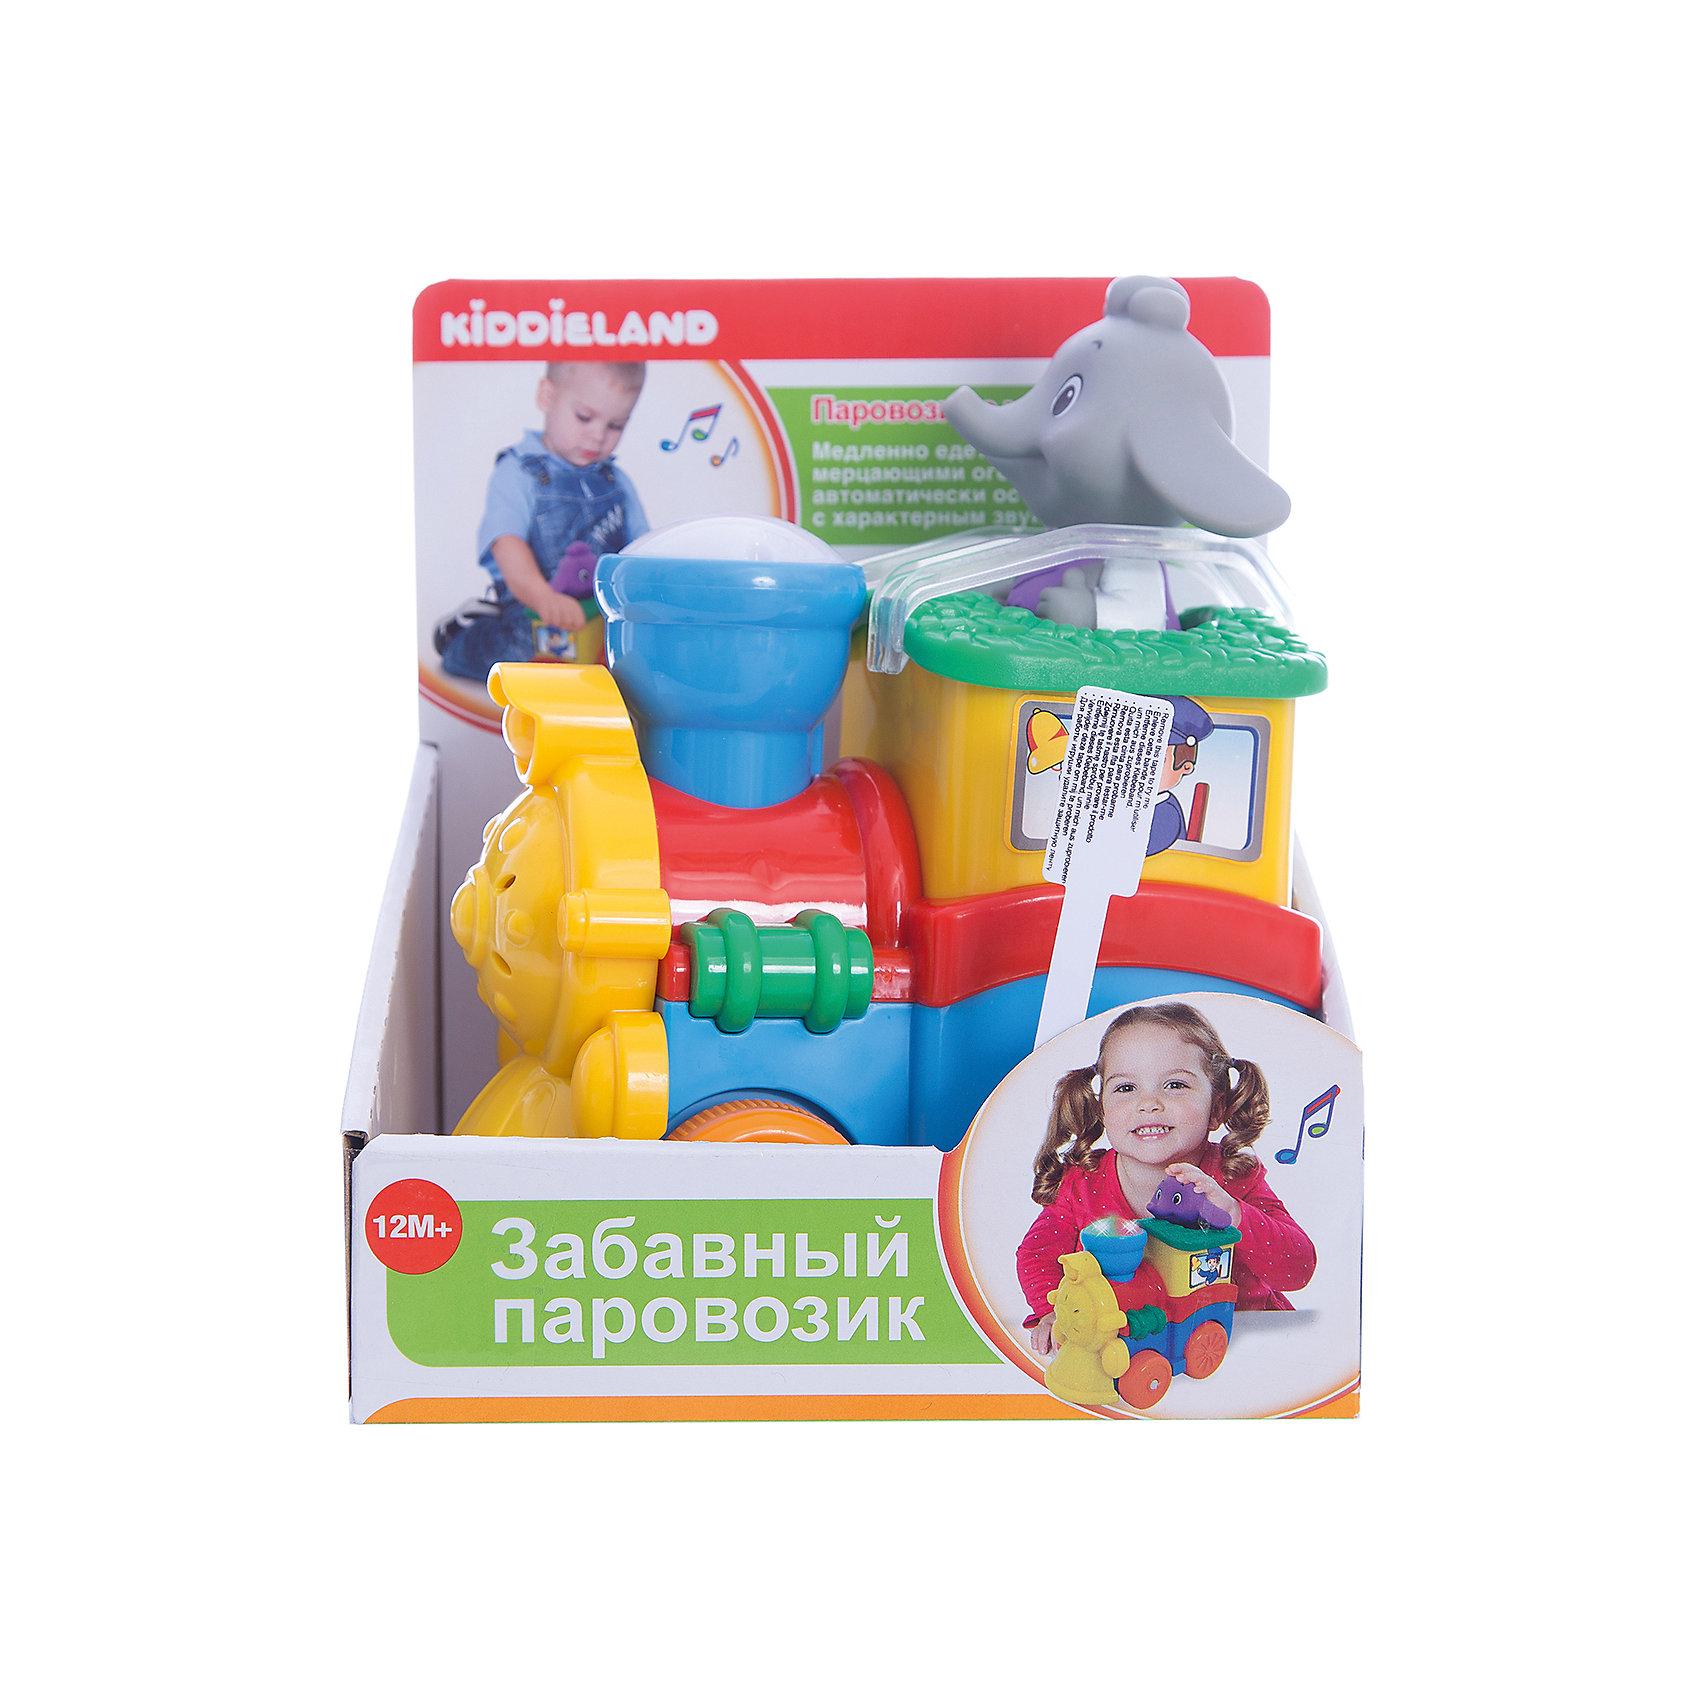 Развивающая игрушка Паровозик со слоненком, KiddielandРазвивающая игрушка Паровозик со слоненком, Kiddieland (Киддилэнд).<br><br>Характеристики:<br>- Комплектация:  паровозик, слоненок машинист<br>- Материал: пластик<br>- Батарейки: 3 х АА / LR6 1.5V (входят в комплект)<br>- Вес: 0,54 кг.<br><br>Развивающая игрушка Паровозик со слоненком, Kiddieland (Киддилэнд) со светом и звуком на колесах развлечет малыша мигающими огоньками, приятной музыкой и забавными звуками. При нажатии на специальную кнопку поезд начинает движение и издает реалистичные звуки двигателя, а также зажигаются разноцветные огоньки. В комплекте — съемный Слоненок-машинист для более интересной игры. Игры с паровозиком способствуют развитию внимания, фантазии, логического мышления, цветового и звукового восприятия, мелкой моторики рук. Игрушка выполнена из качественных и безопасных для здоровья детей материалов.<br><br>Развивающую игрушку Паровозик со слоненком, Kiddieland (Киддилэнд) можно купить в нашем интернет-магазине.<br><br>Ширина мм: 170<br>Глубина мм: 130<br>Высота мм: 190<br>Вес г: 600<br>Возраст от месяцев: 12<br>Возраст до месяцев: 36<br>Пол: Унисекс<br>Возраст: Детский<br>SKU: 5054104